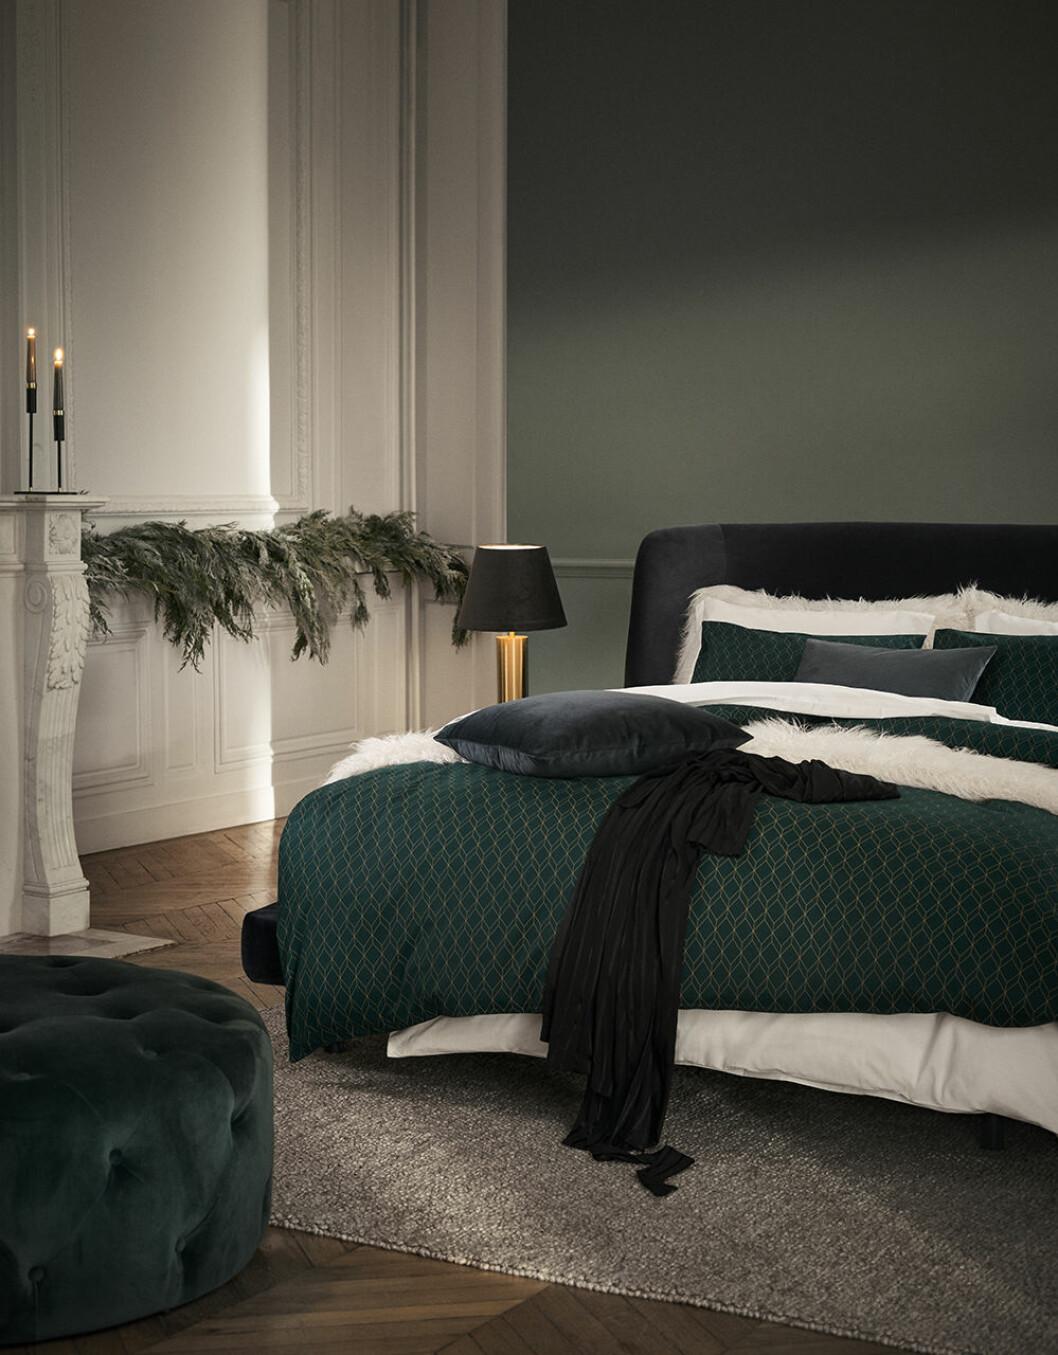 Julens textilier går i mörkgrönt hos H&M Home